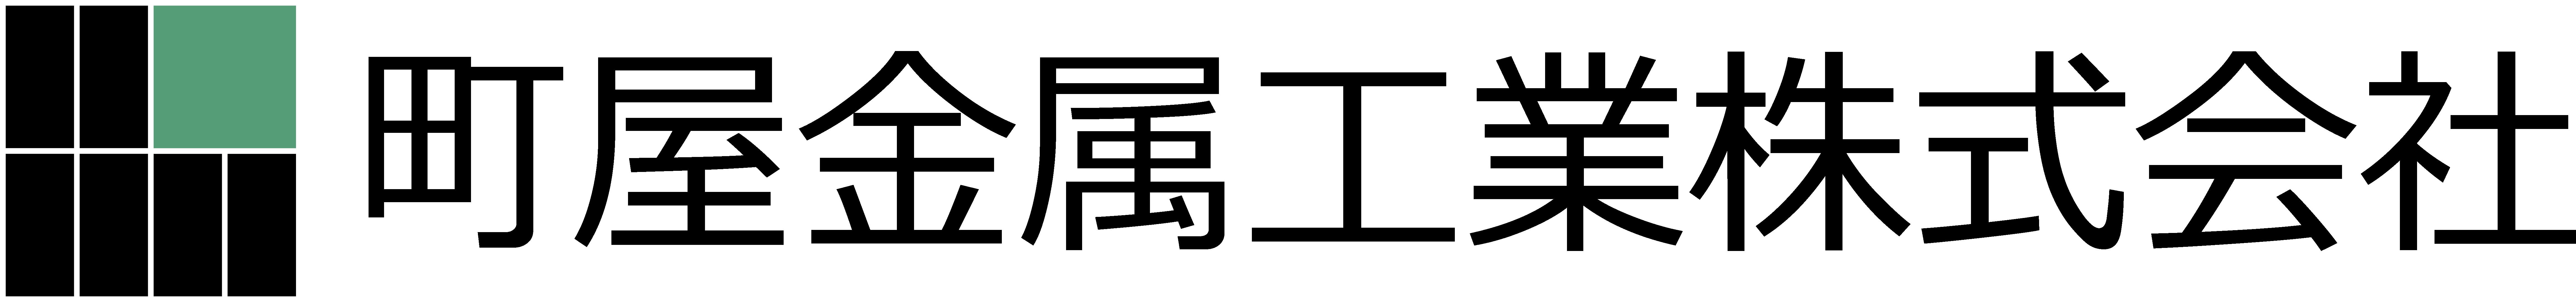 町屋金属工業株式会社